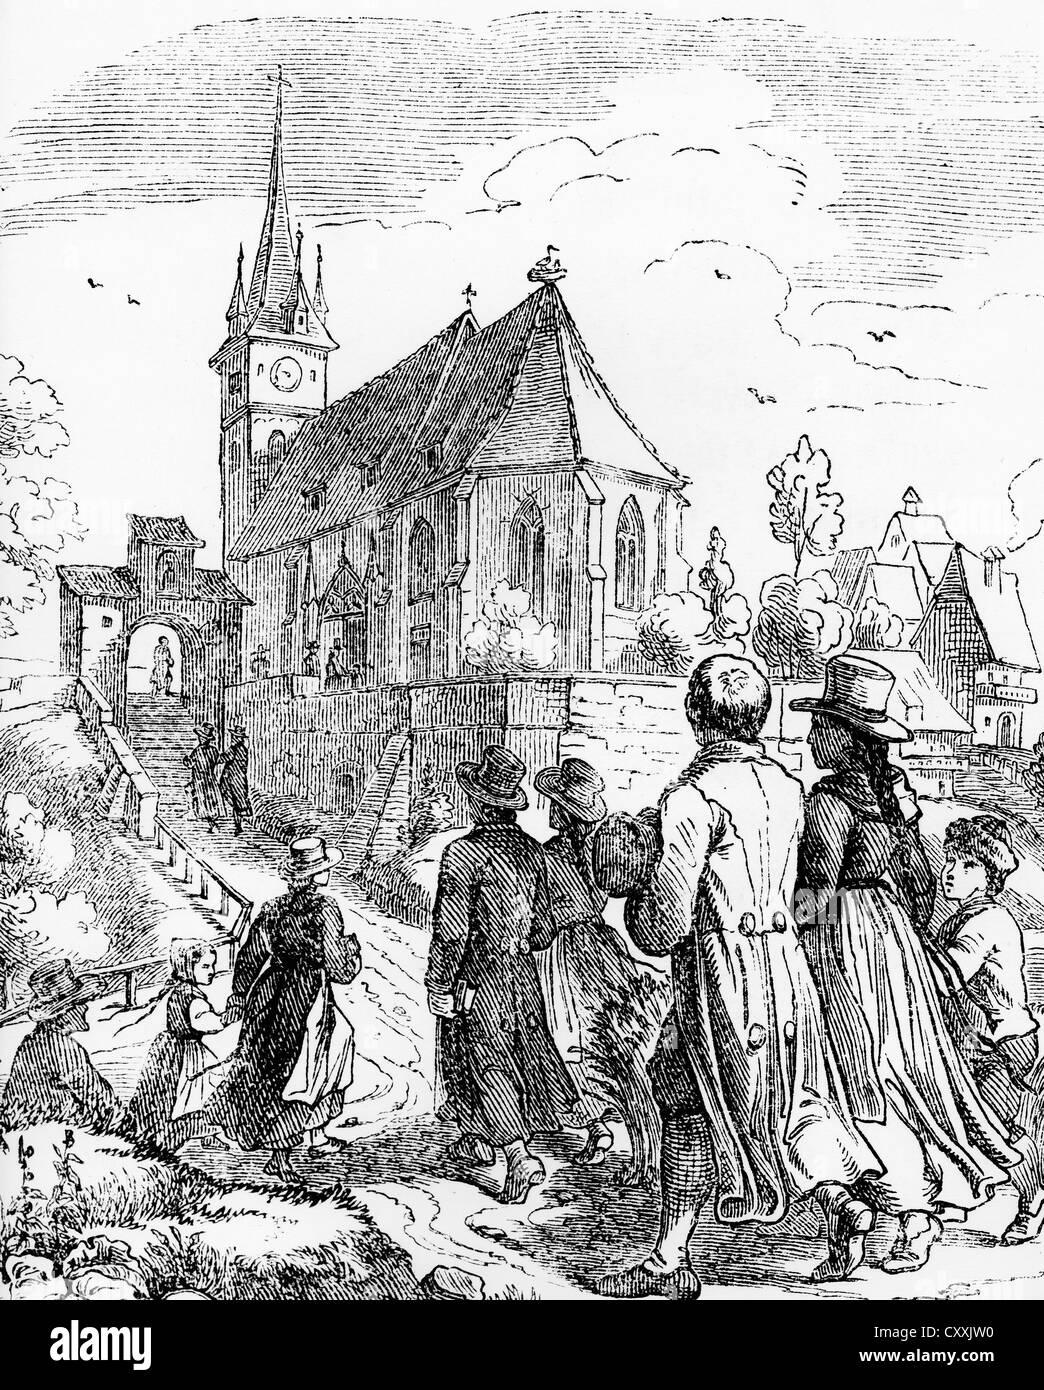 Chiesa su una domenica, xilografia, c. 1900 Immagini Stock